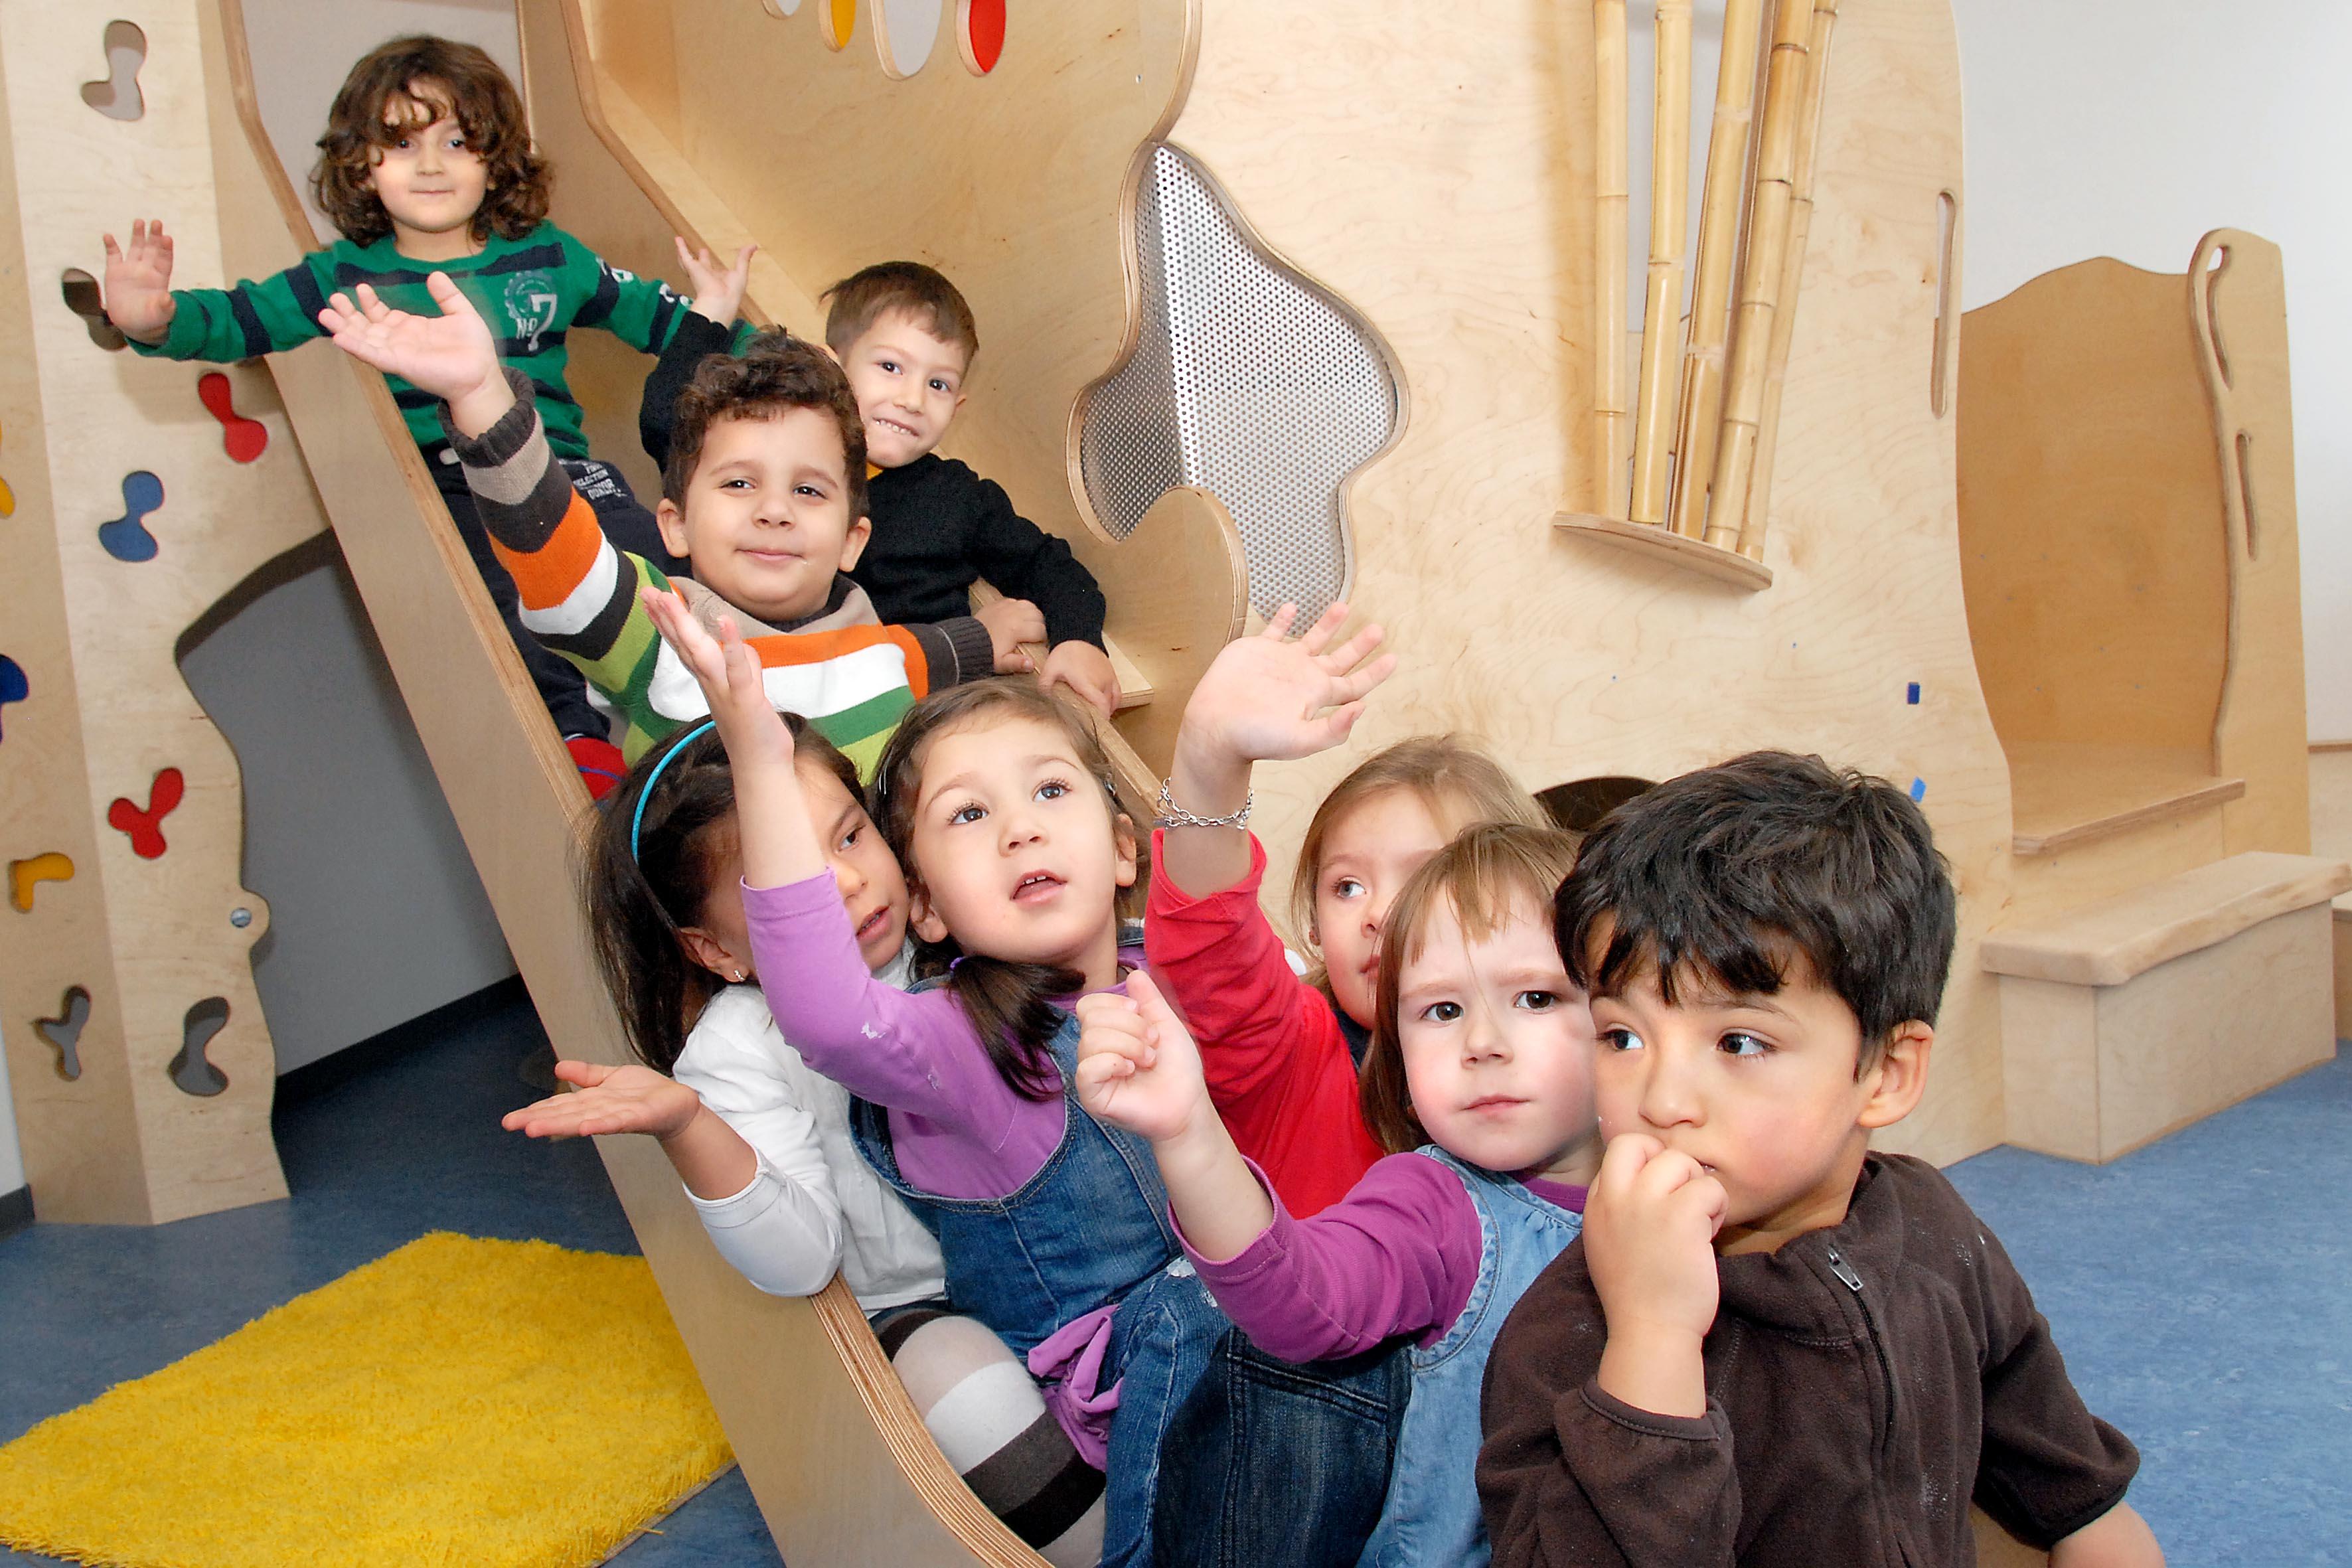 Kinder in der Kita. Kita-MOVE richtet sich an pädagogische Fachkräfte aus Frühen Hilfen und Kinderbetreuung.